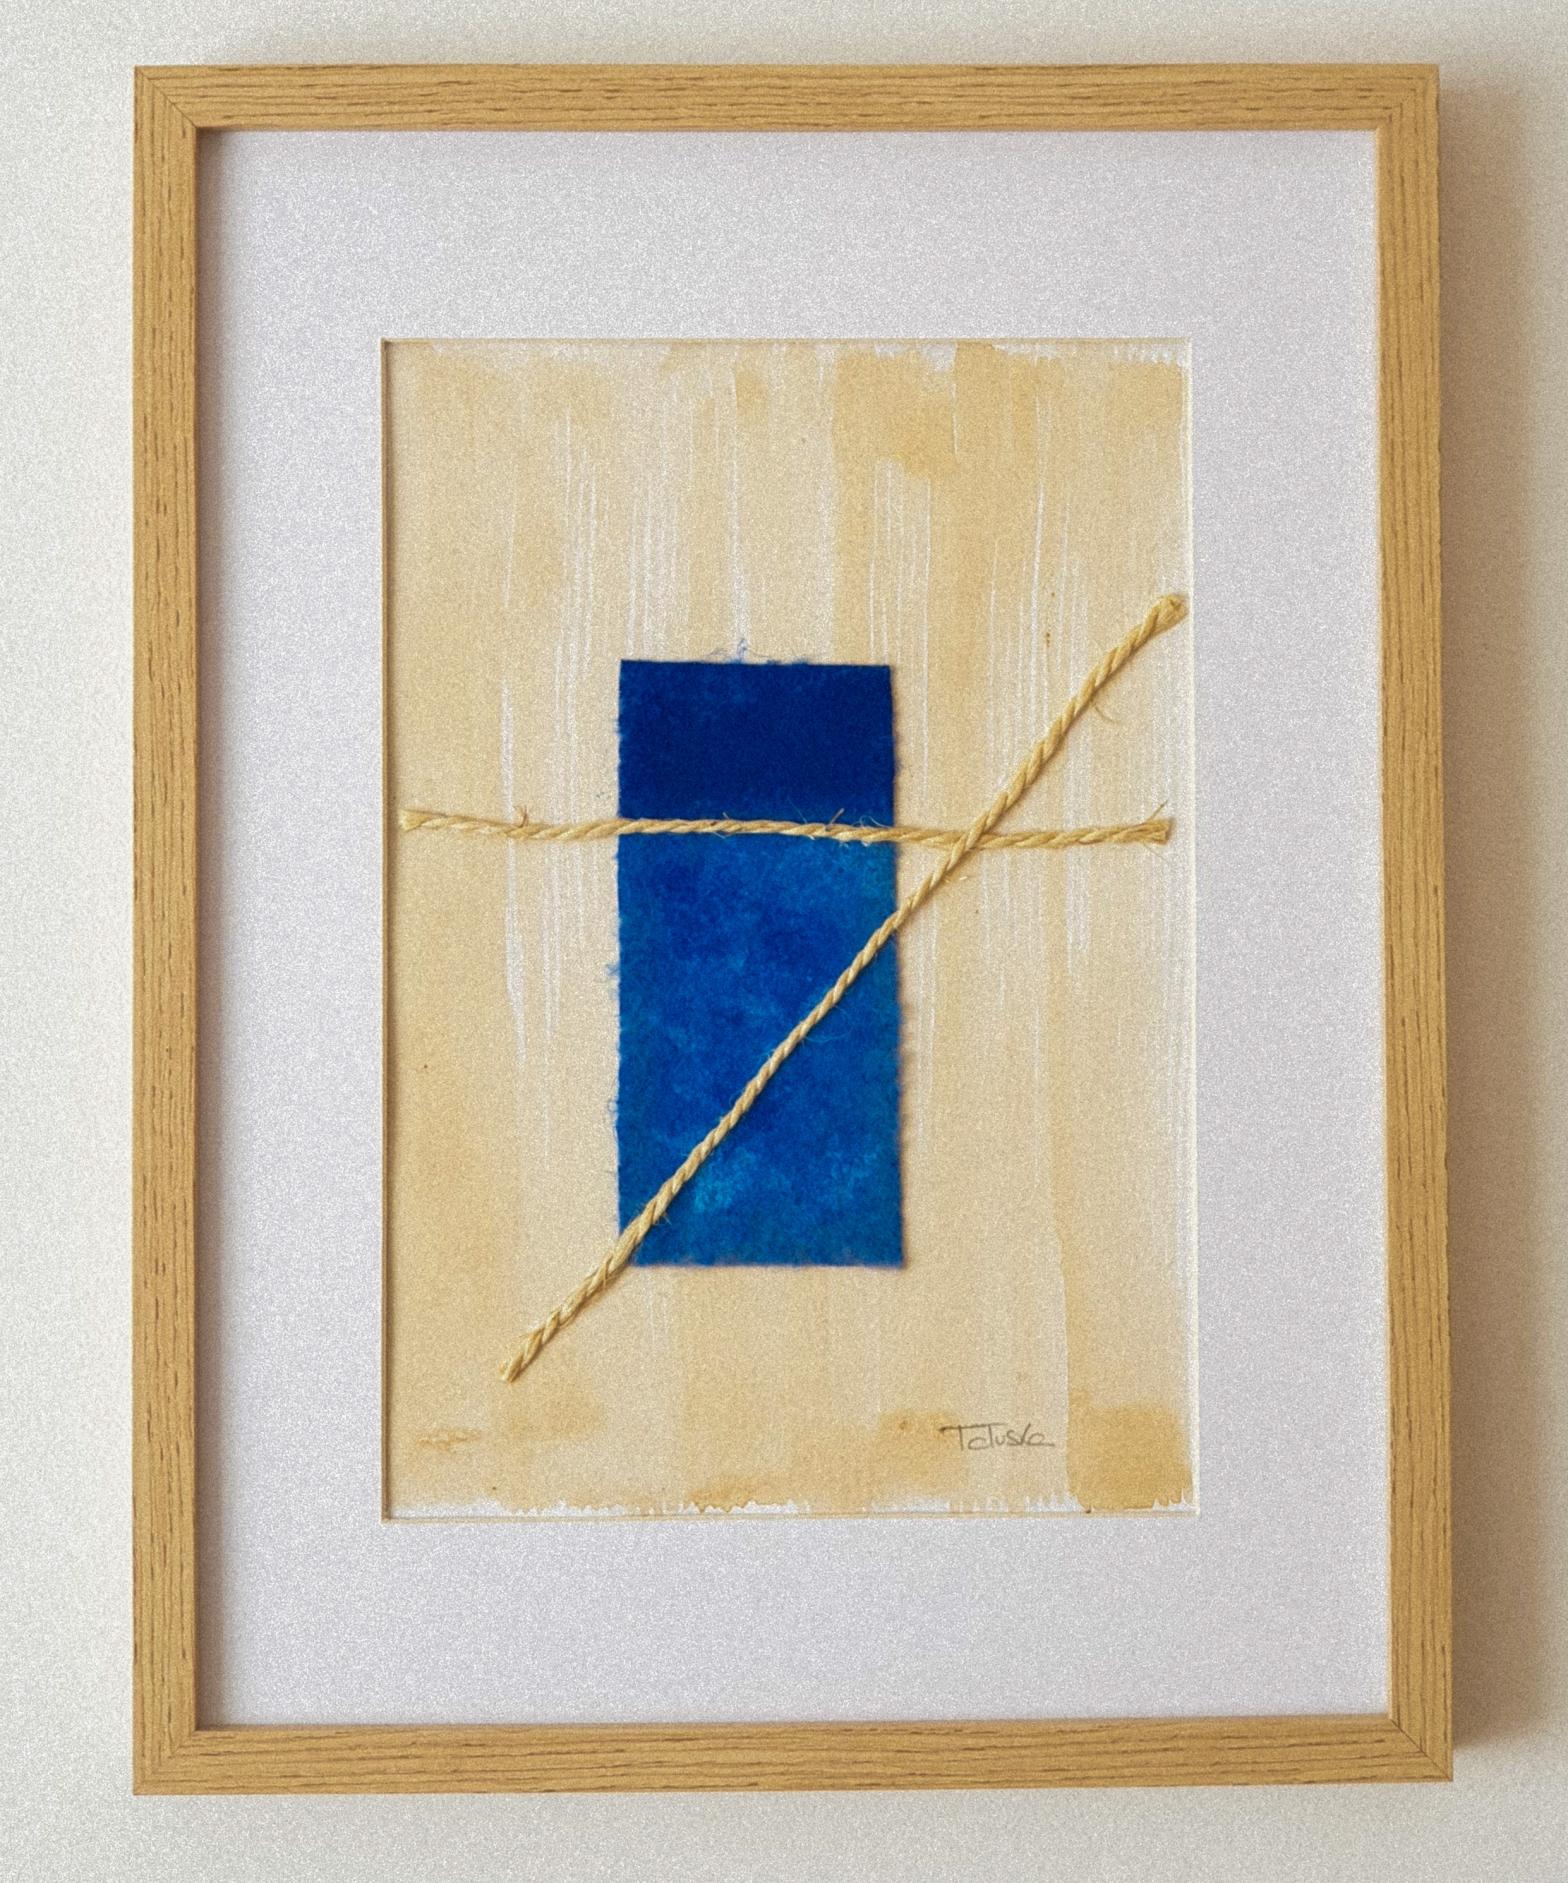 """Cuadro de arte abstracto titulado """"Boat in the sea"""" de la artista Tatuska (https://artuska.com)."""